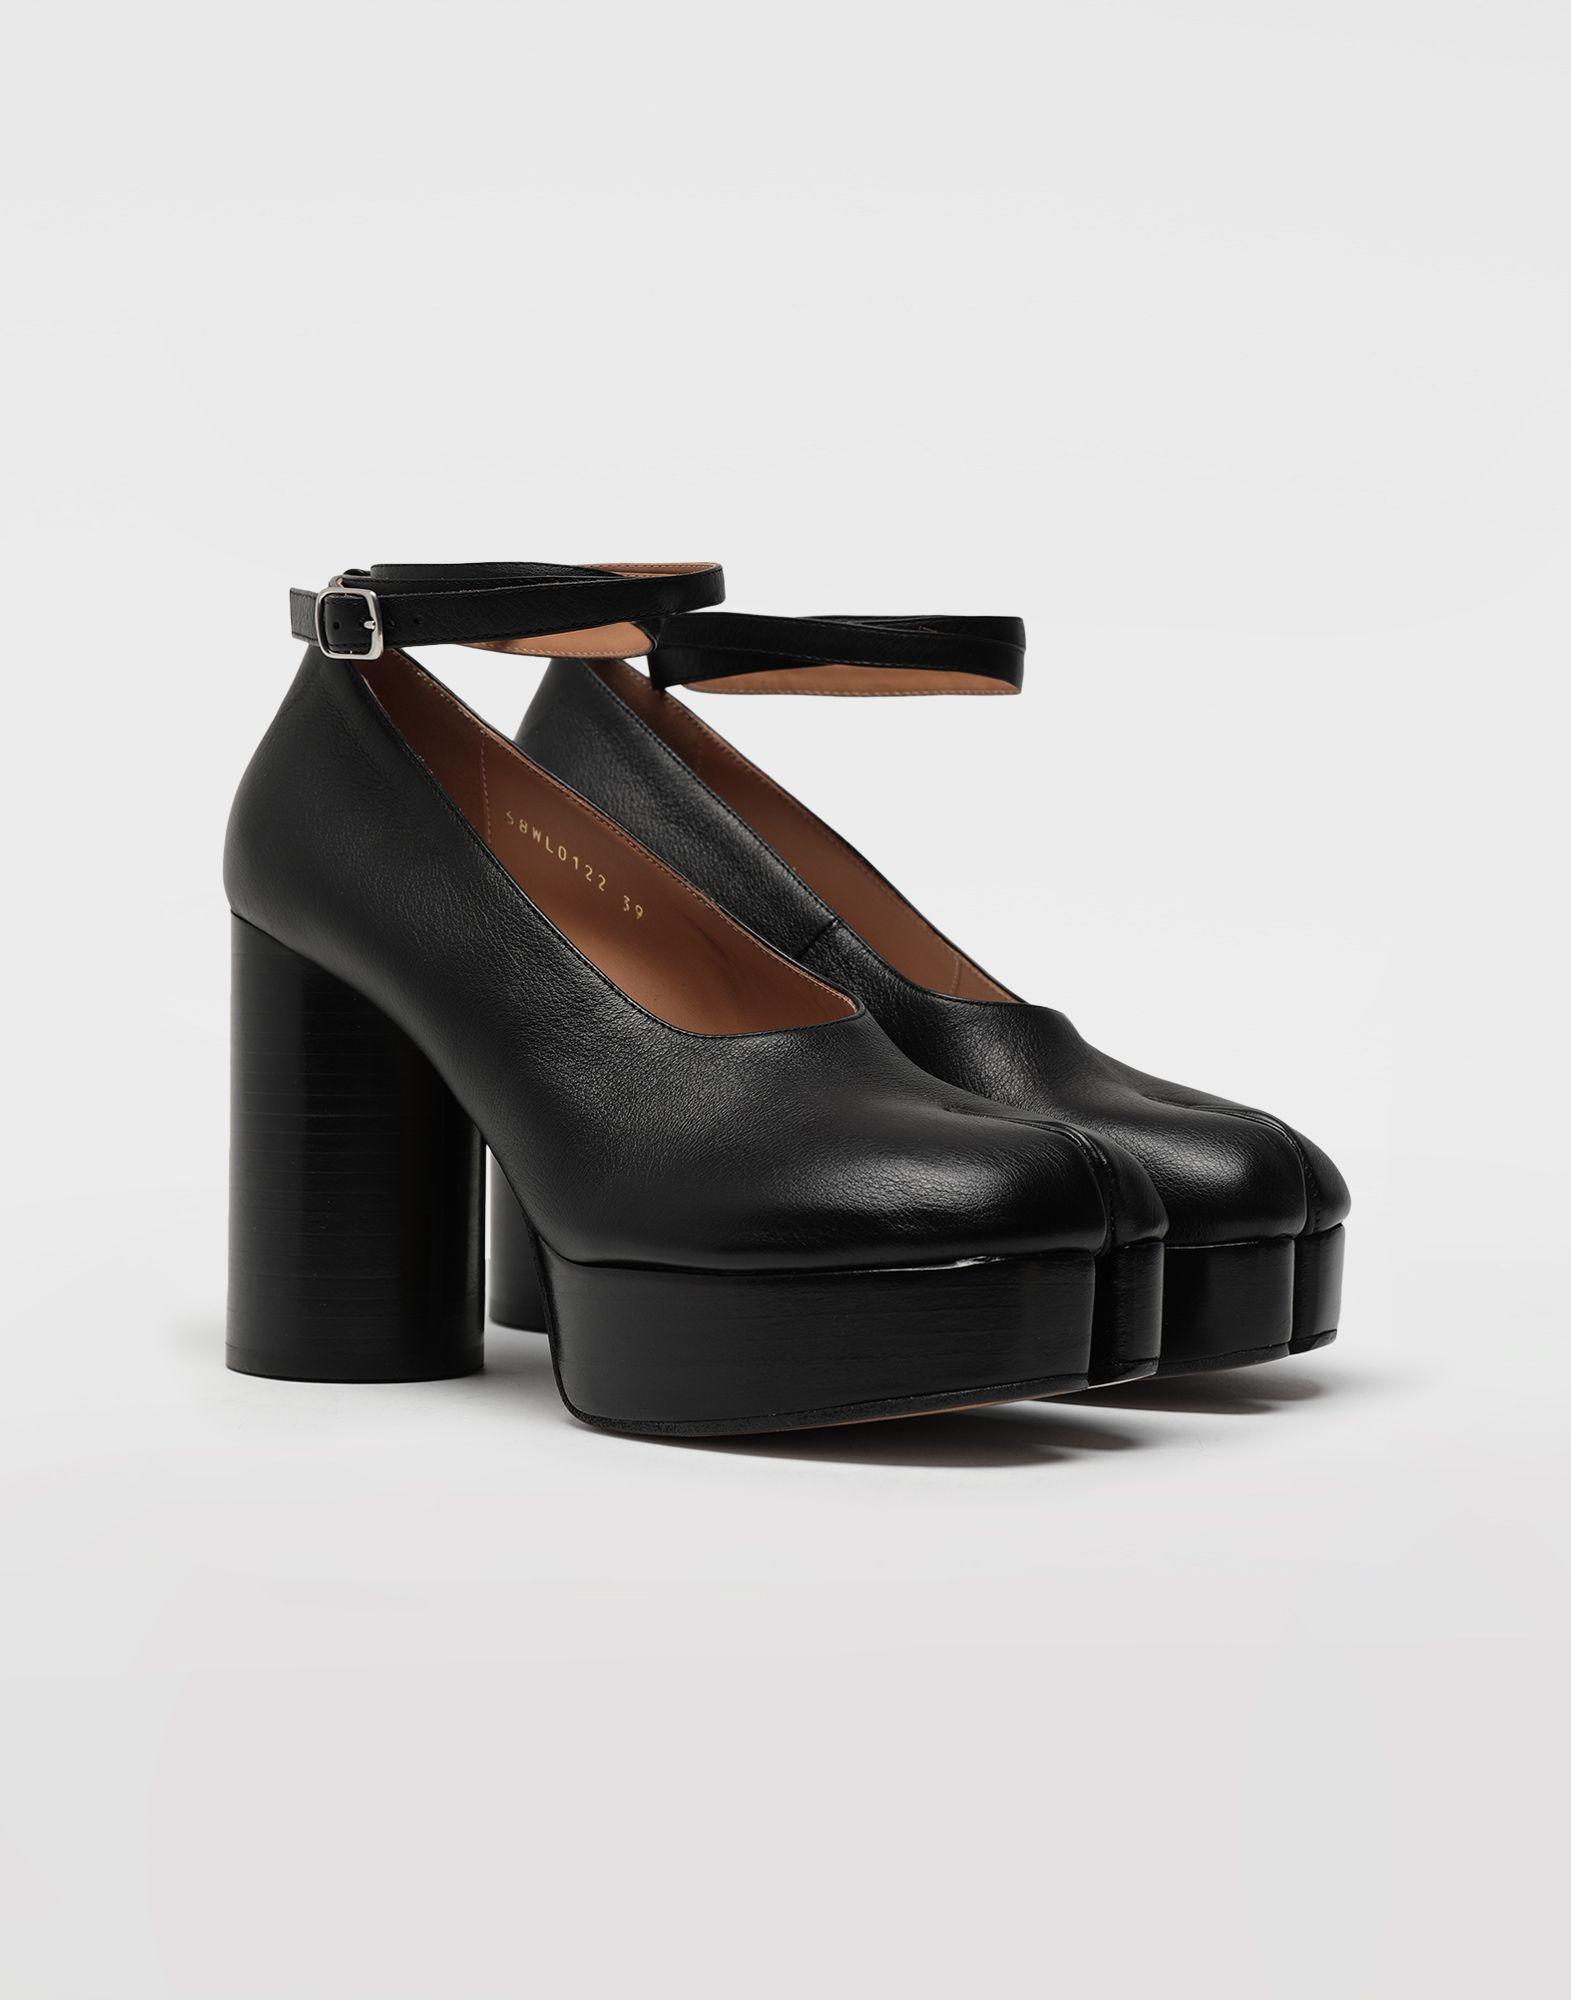 MAISON MARGIELA Tabi double strap leather sandals Pumps Woman r